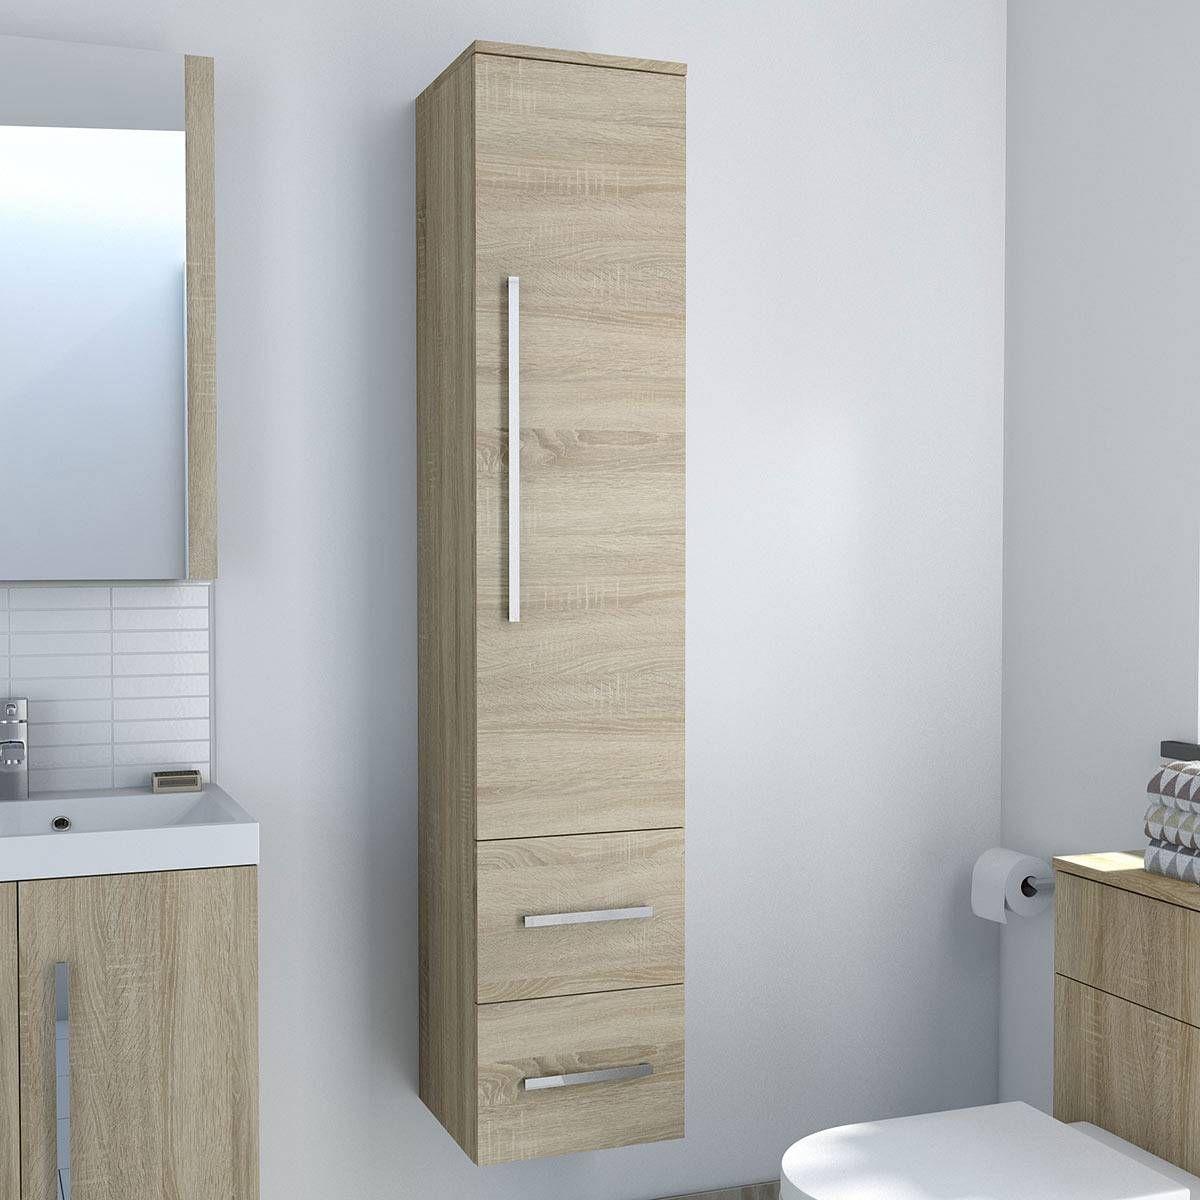 Drift oak wall hung tall storage unit | bathroom | Pinterest ...